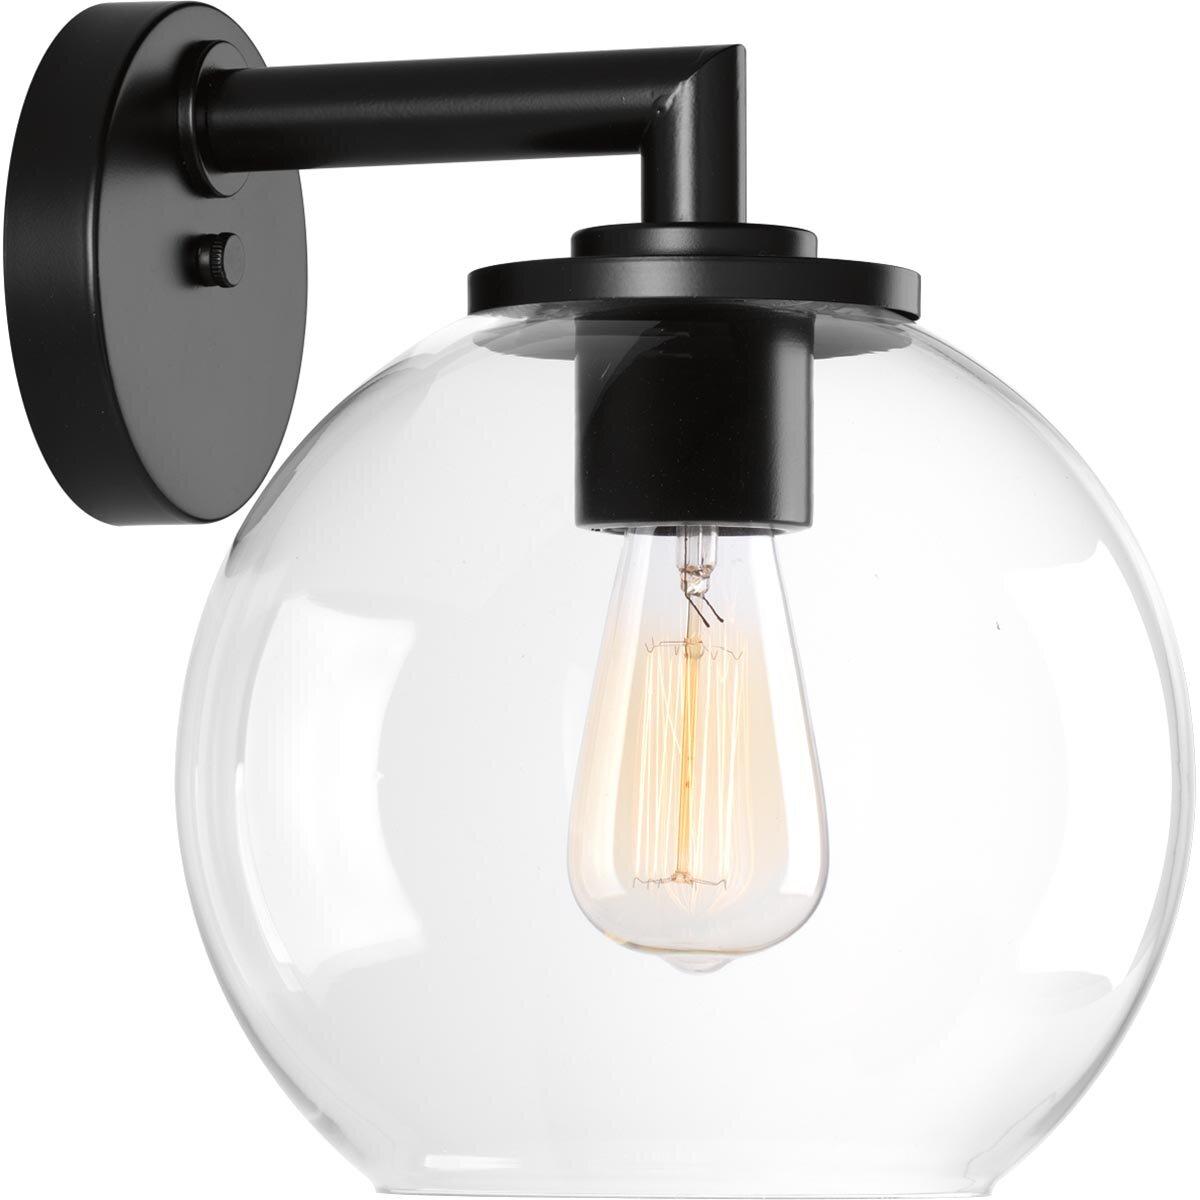 Triplehorn Outdoor Wall Lantern Reviews Joss Main